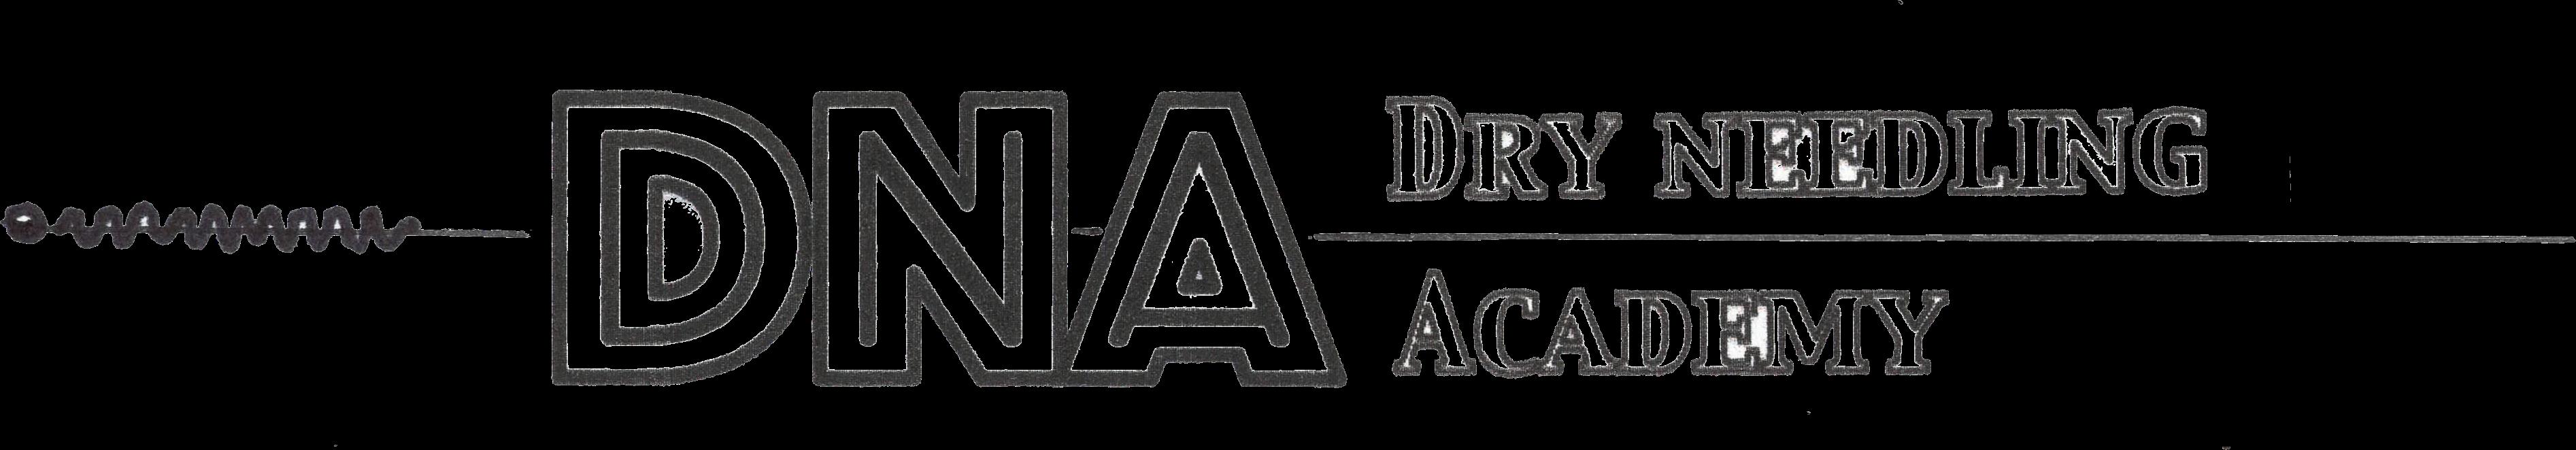 Dry Needling Academy